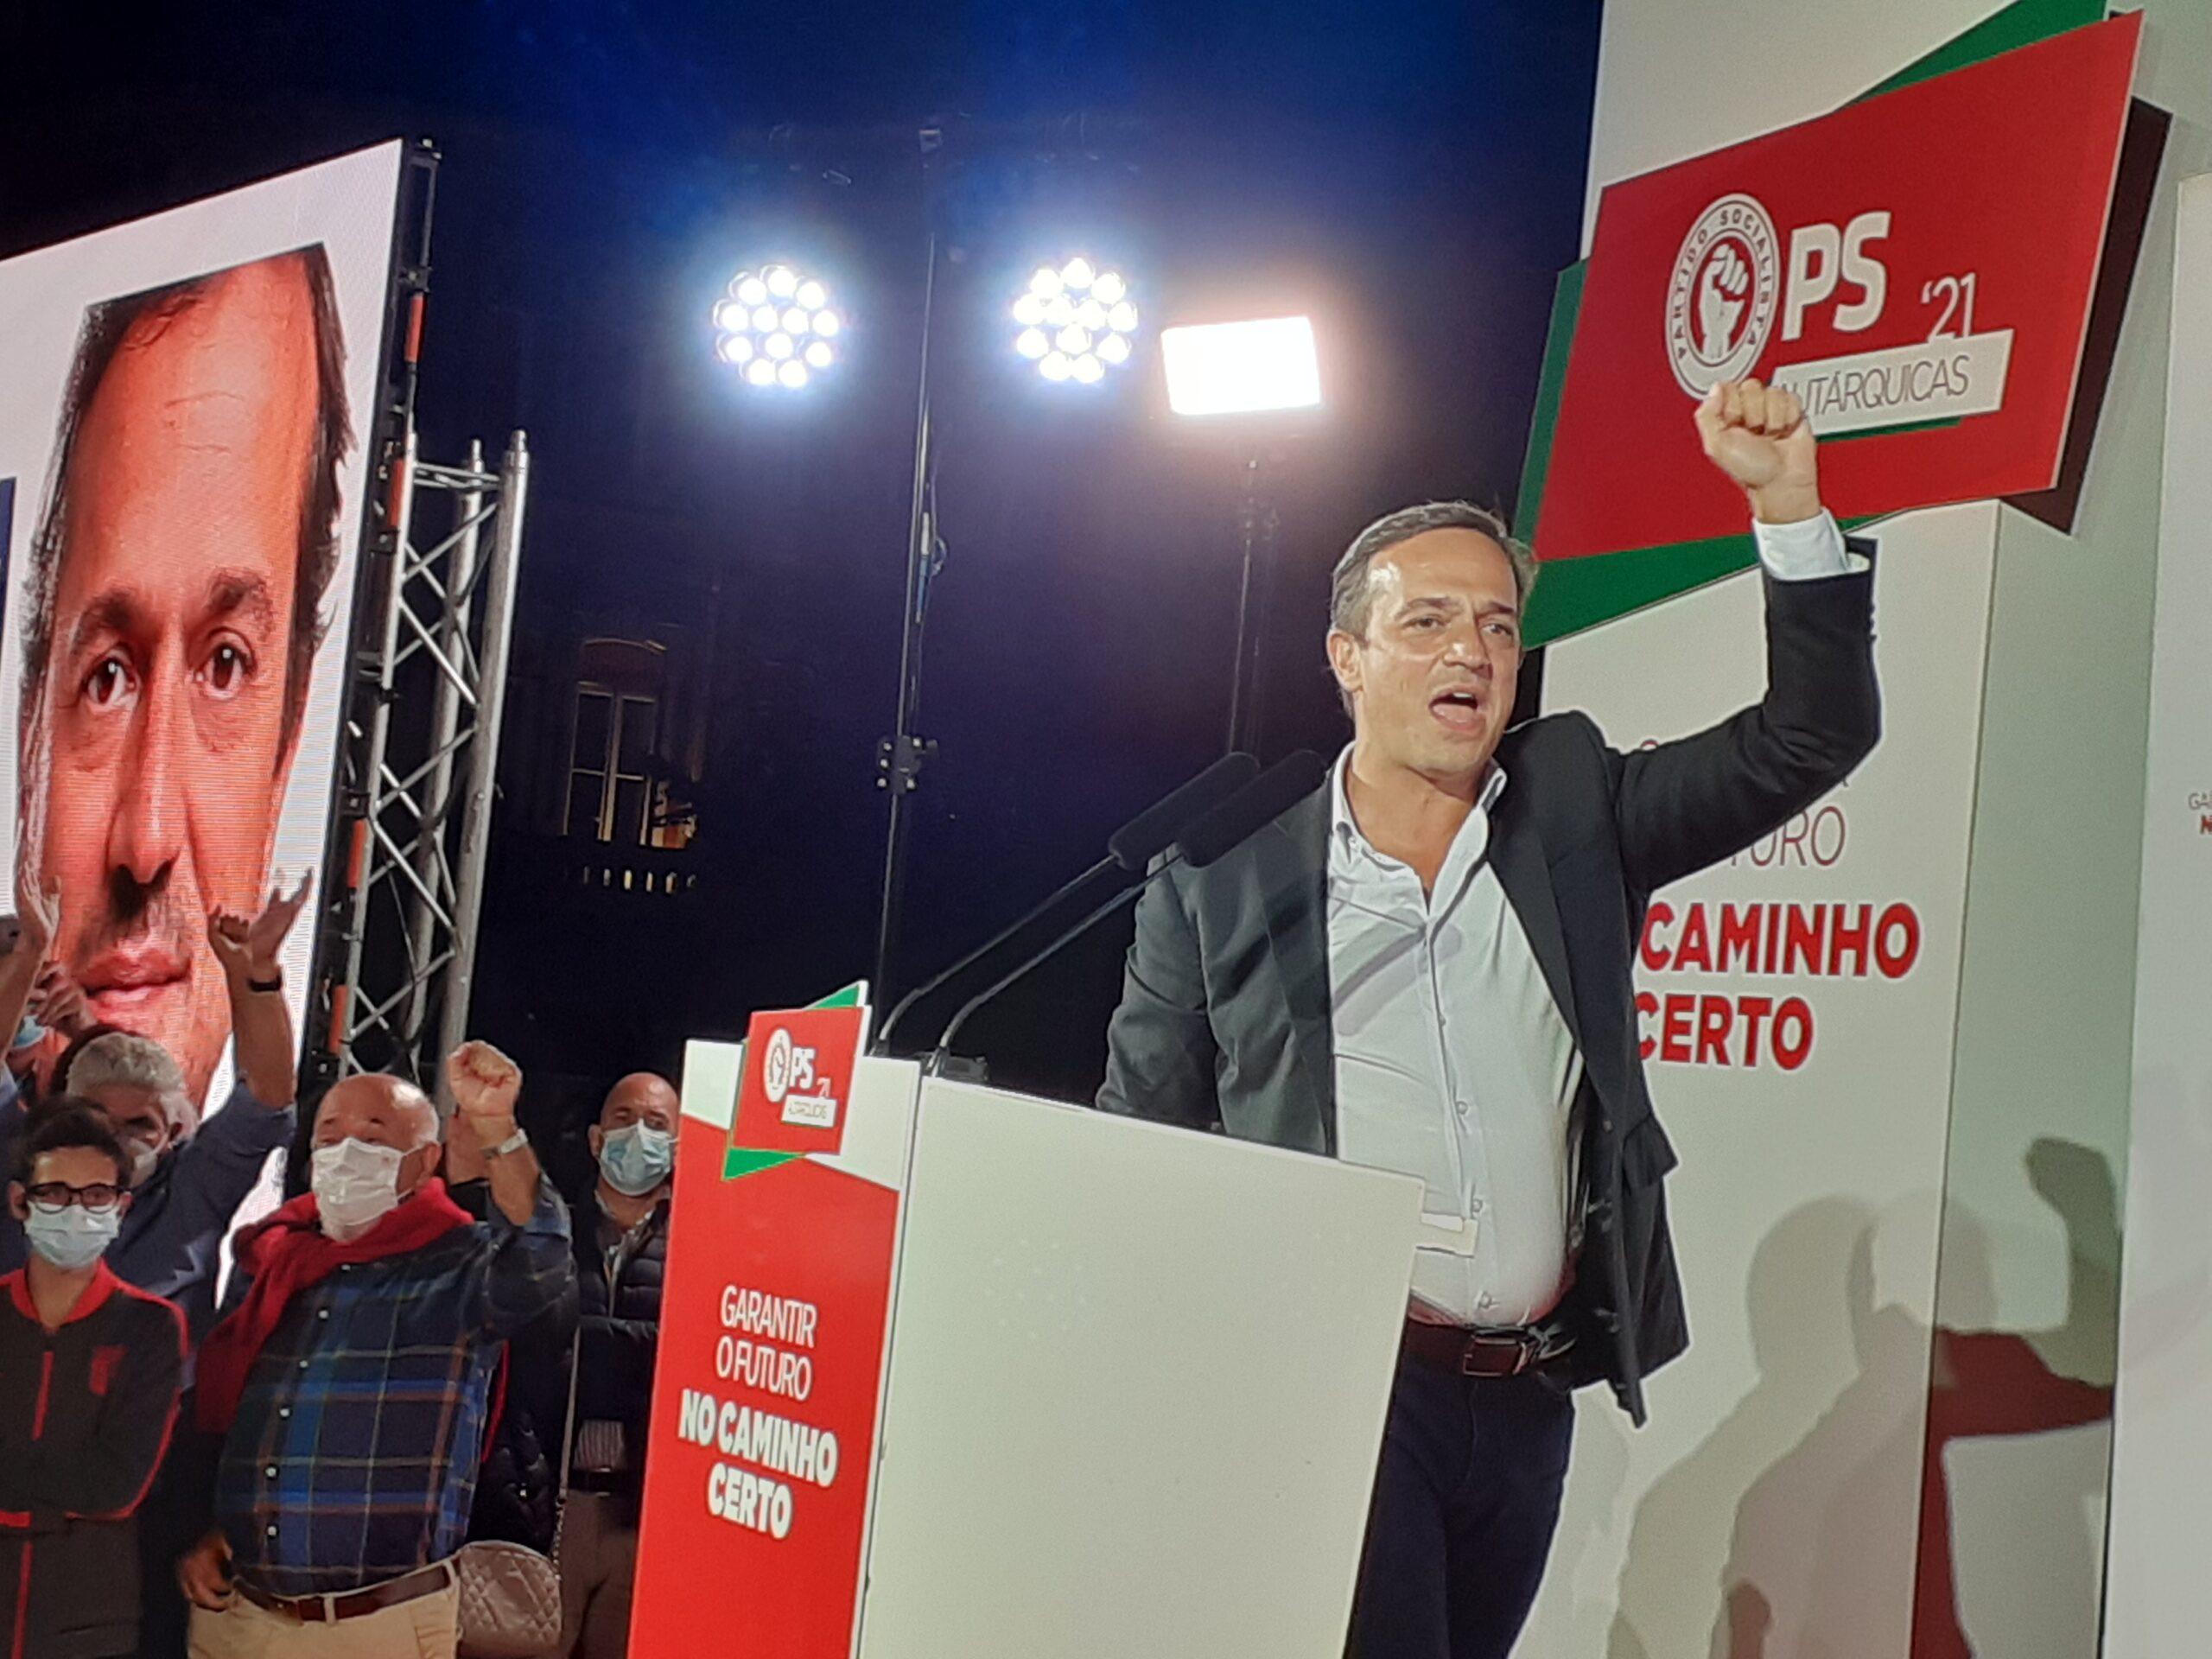 """Autárquicas. Hugo Pires confiante em vitória sobre """"presidente pavão"""" que condena Braga ao """"subdesenvolvimento"""""""